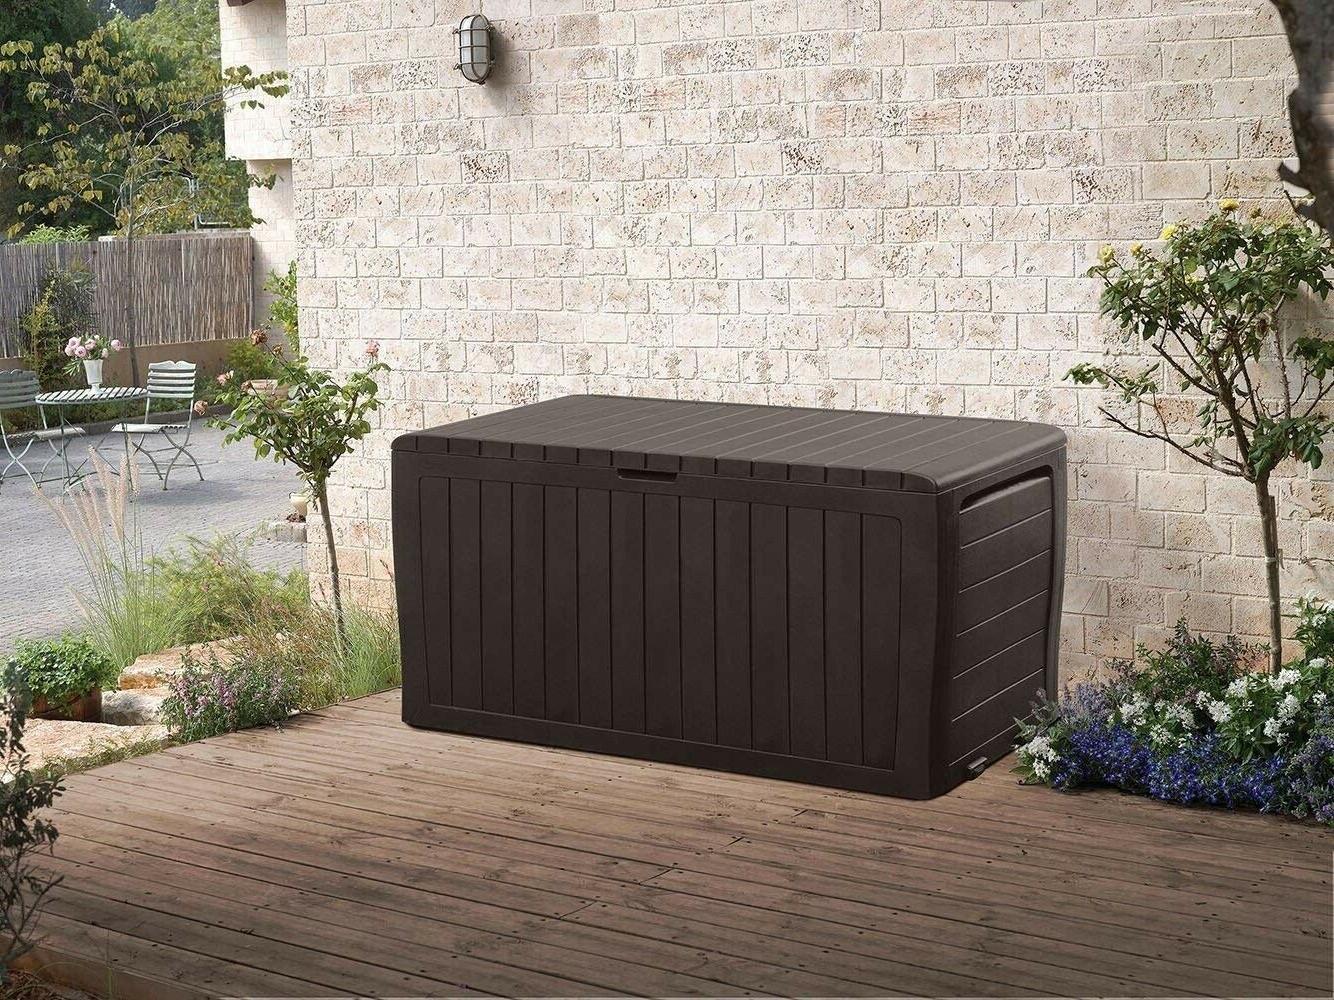 Keter Resin Storage Furniture